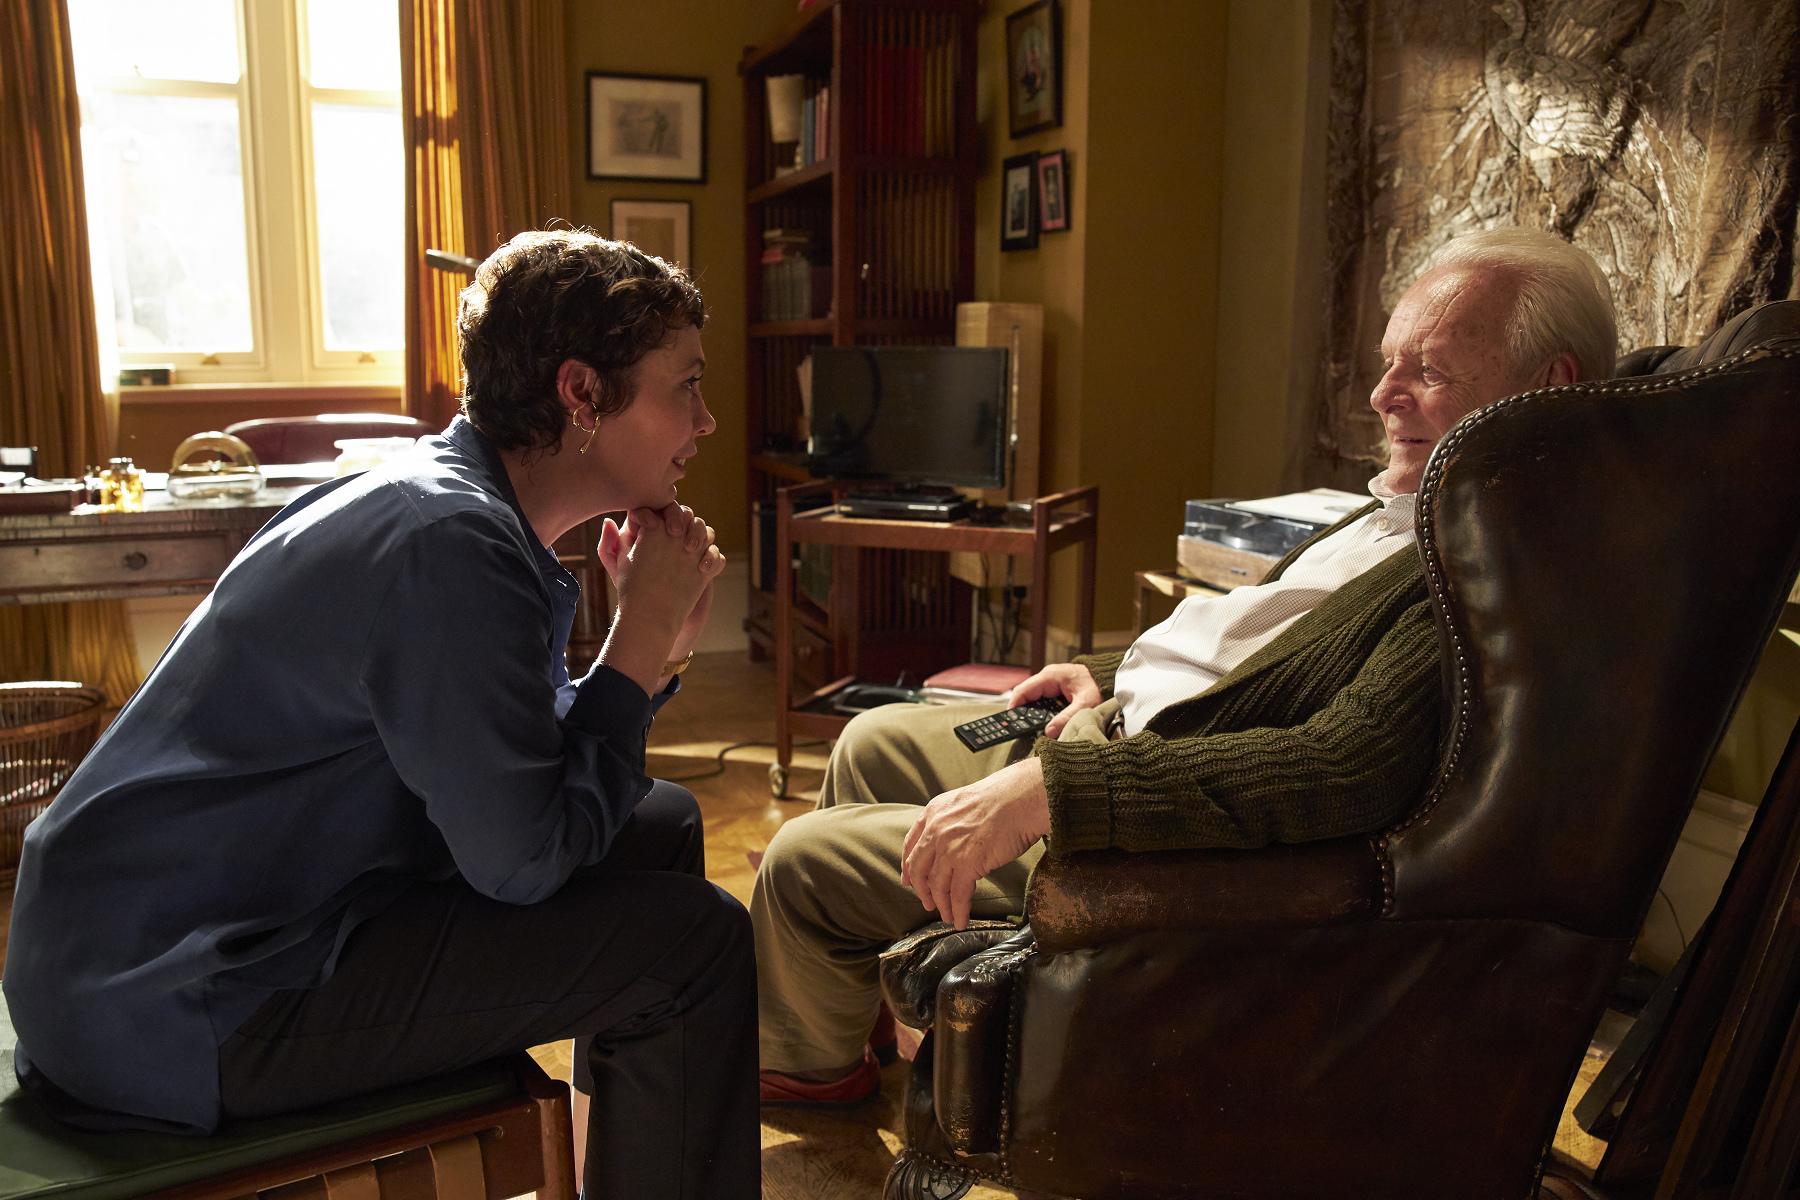 電影筆記 | 失智症相關電影的絕妙之作,不容錯過的奧斯卡得獎影片《父親》